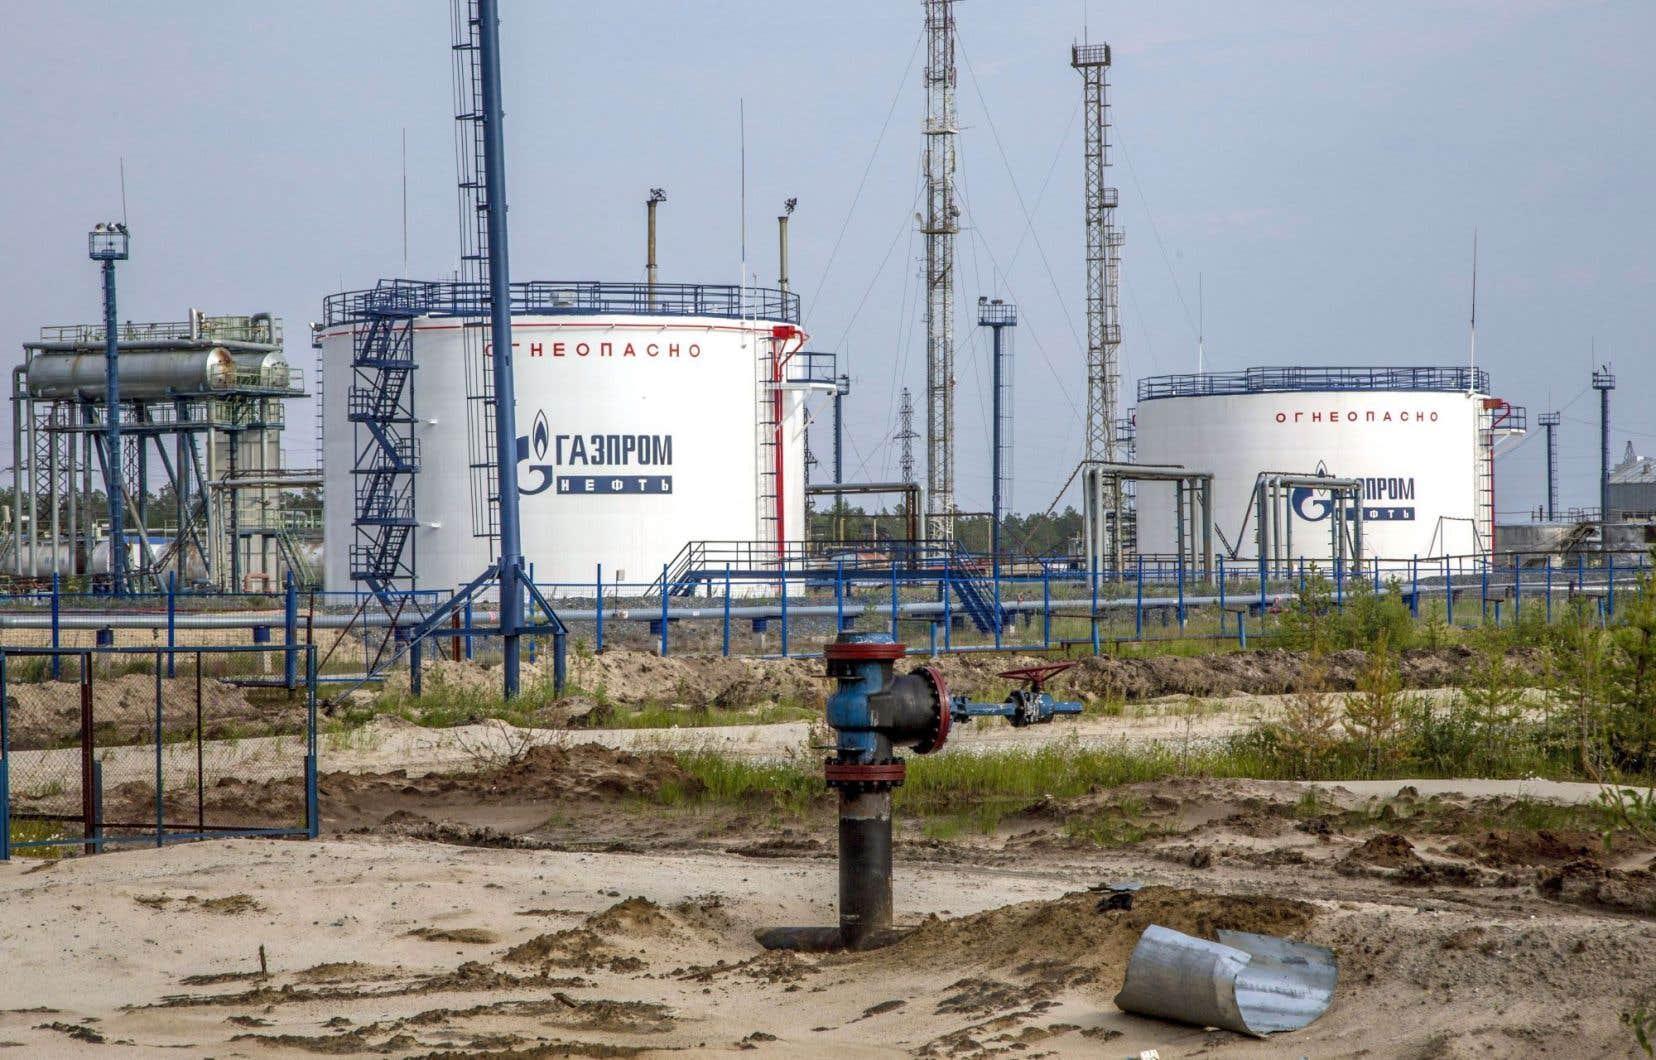 La production de pétrole russe a beaucoup augmenté ces dernières années.